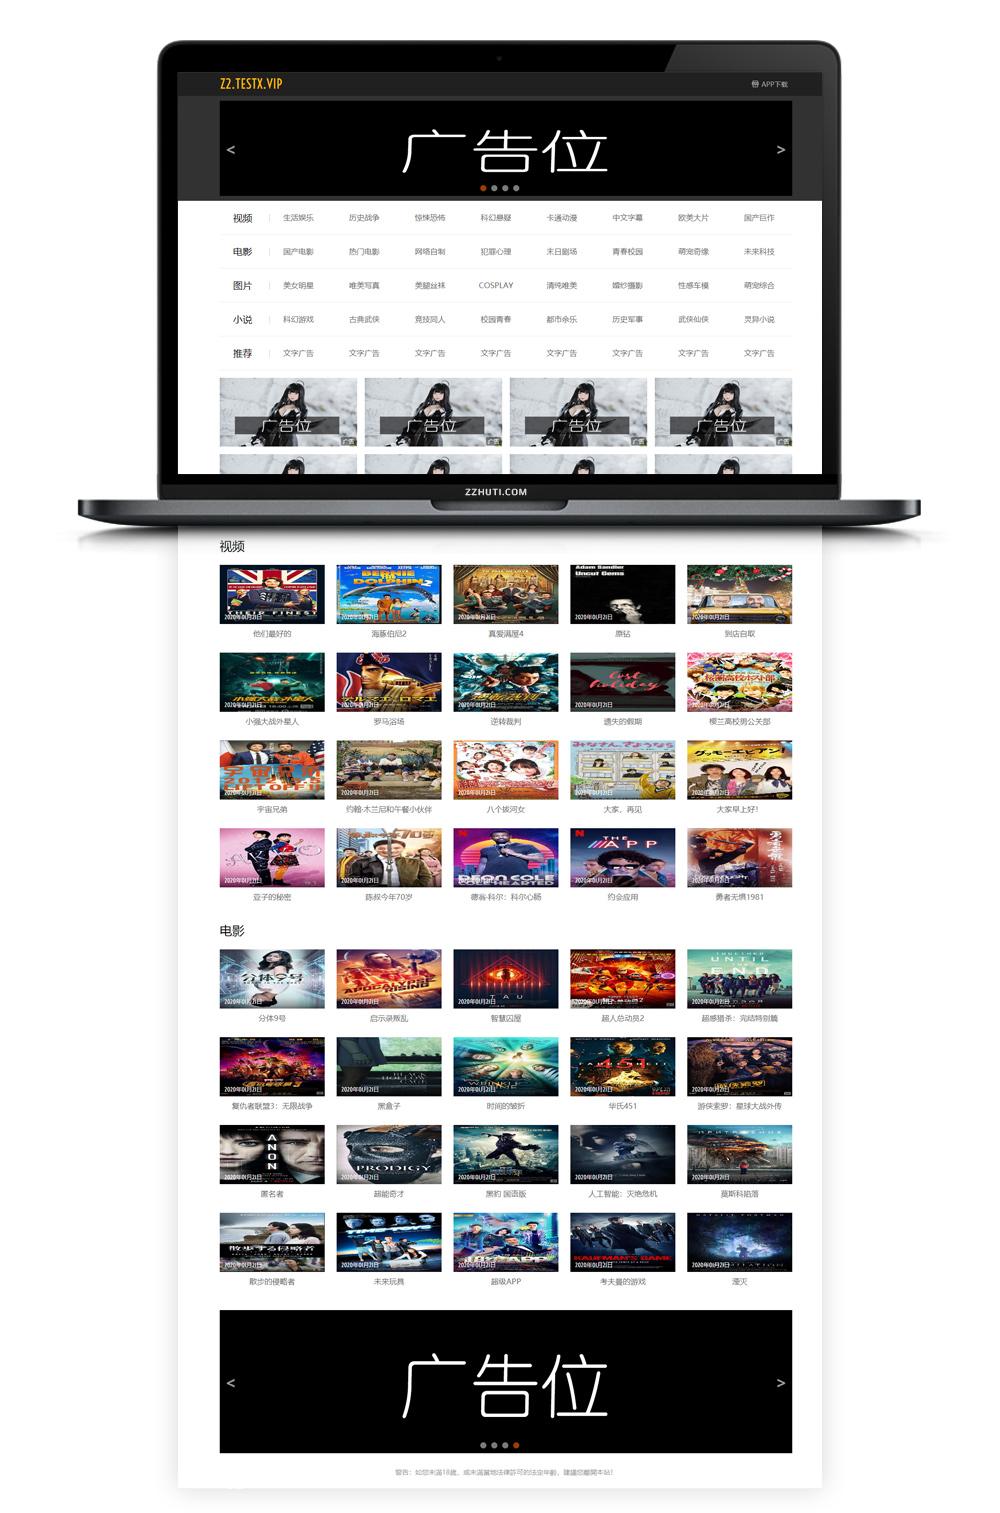 【苹果CMS模板】精简黑白大气影视CMS网站模板自适应手机端-找主题源码